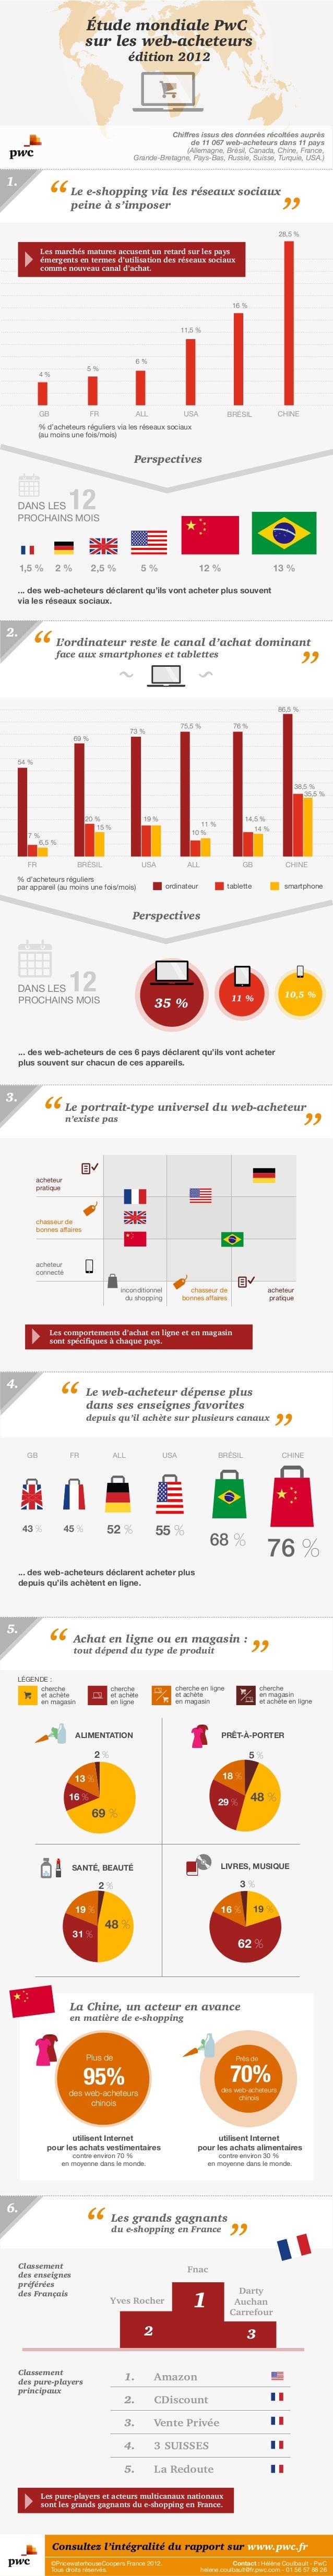 Étude mondiale PwC sur les web-acheteurs édition 2012  Chiffres issus des données récoltées auprès de 11 067 web-acheteurs...